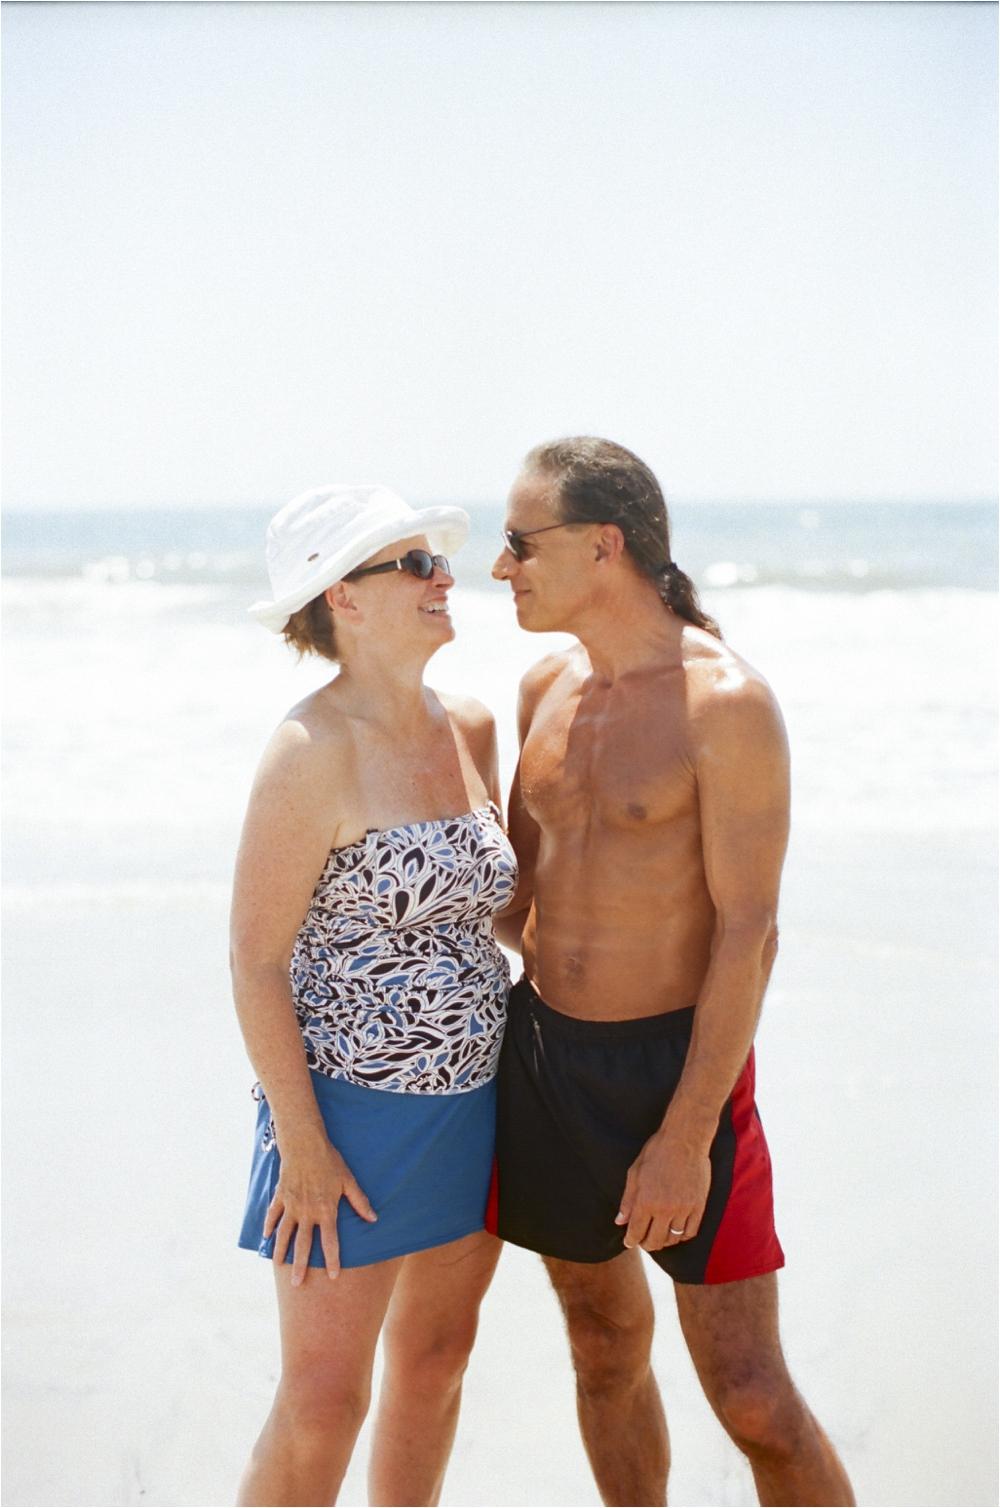 2013_North_Carolina_Beach_Family_Vacation__0008